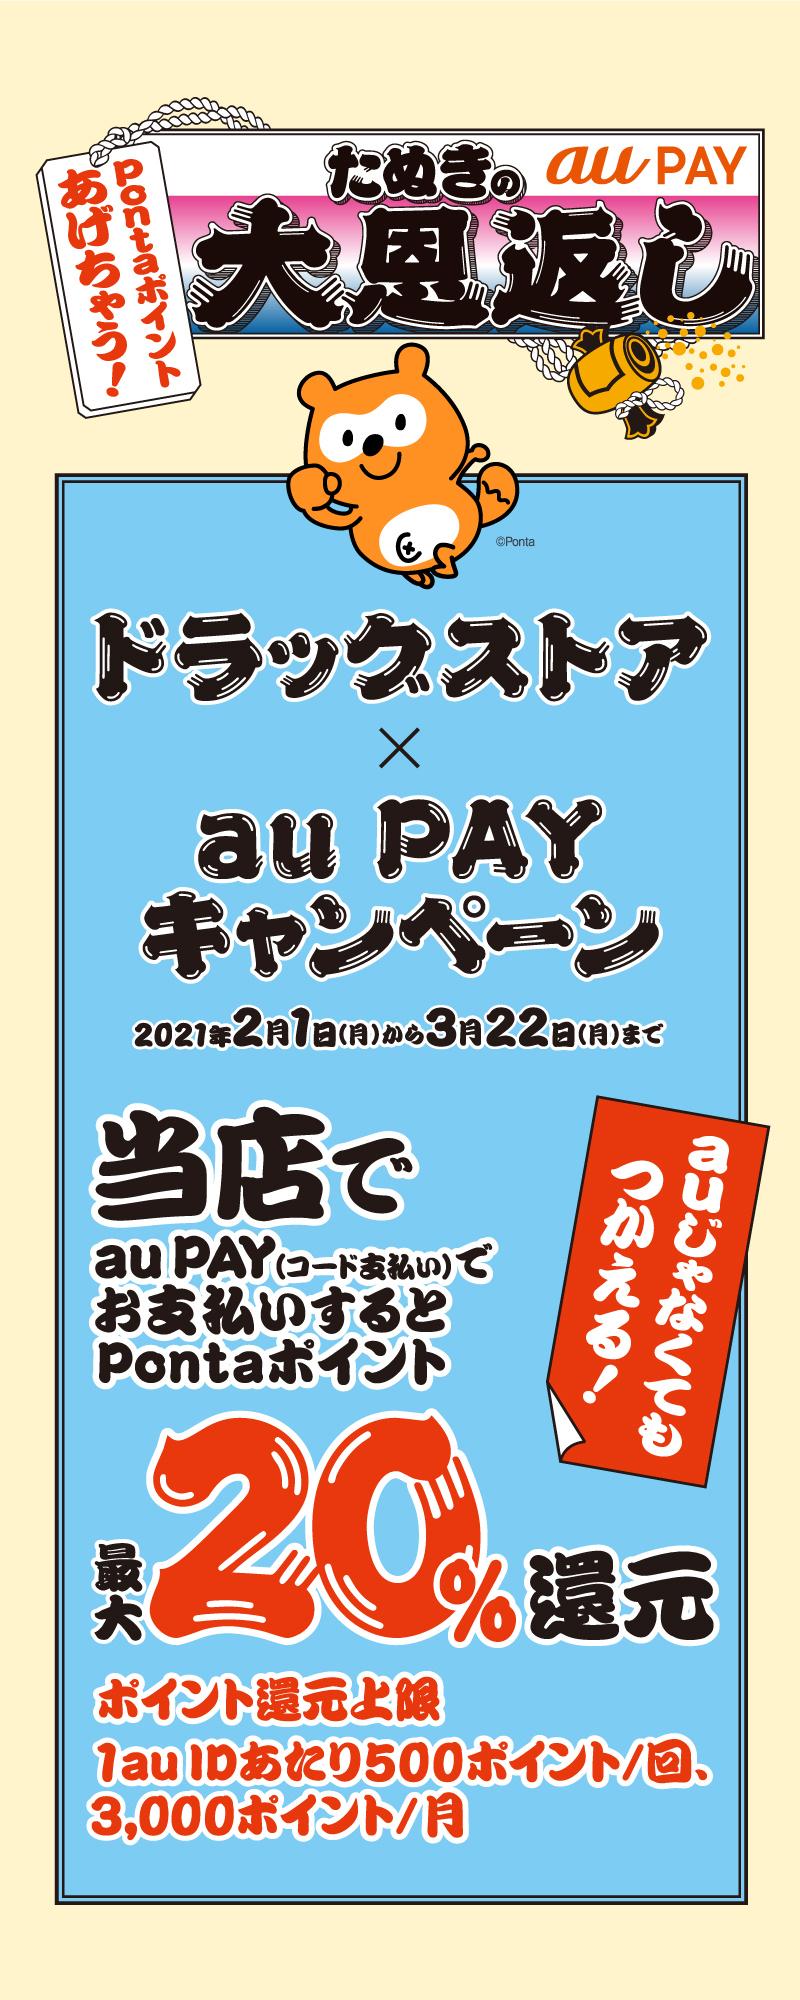 最大20%還元!au PAYキャンペーン!